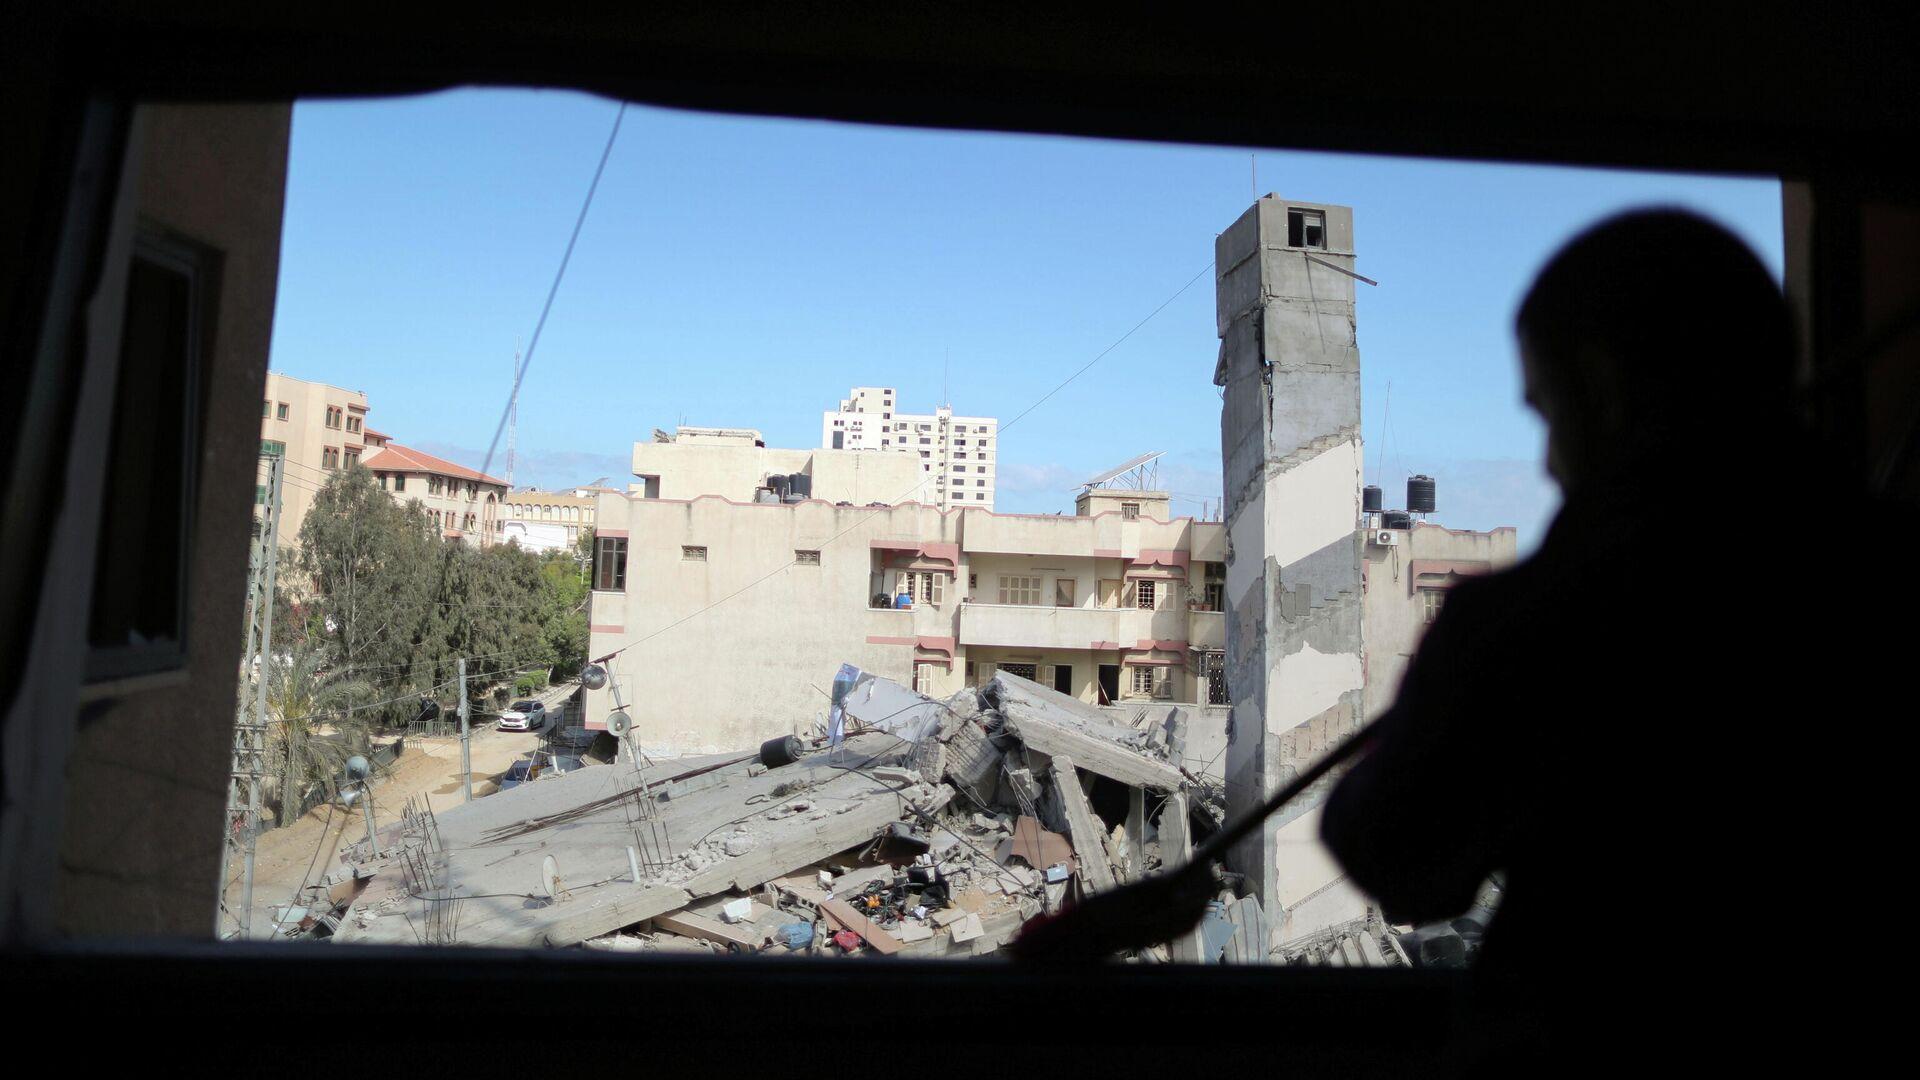 Здание в Газе, разрушенное в результате израильского авиаудара - РИА Новости, 1920, 18.05.2021